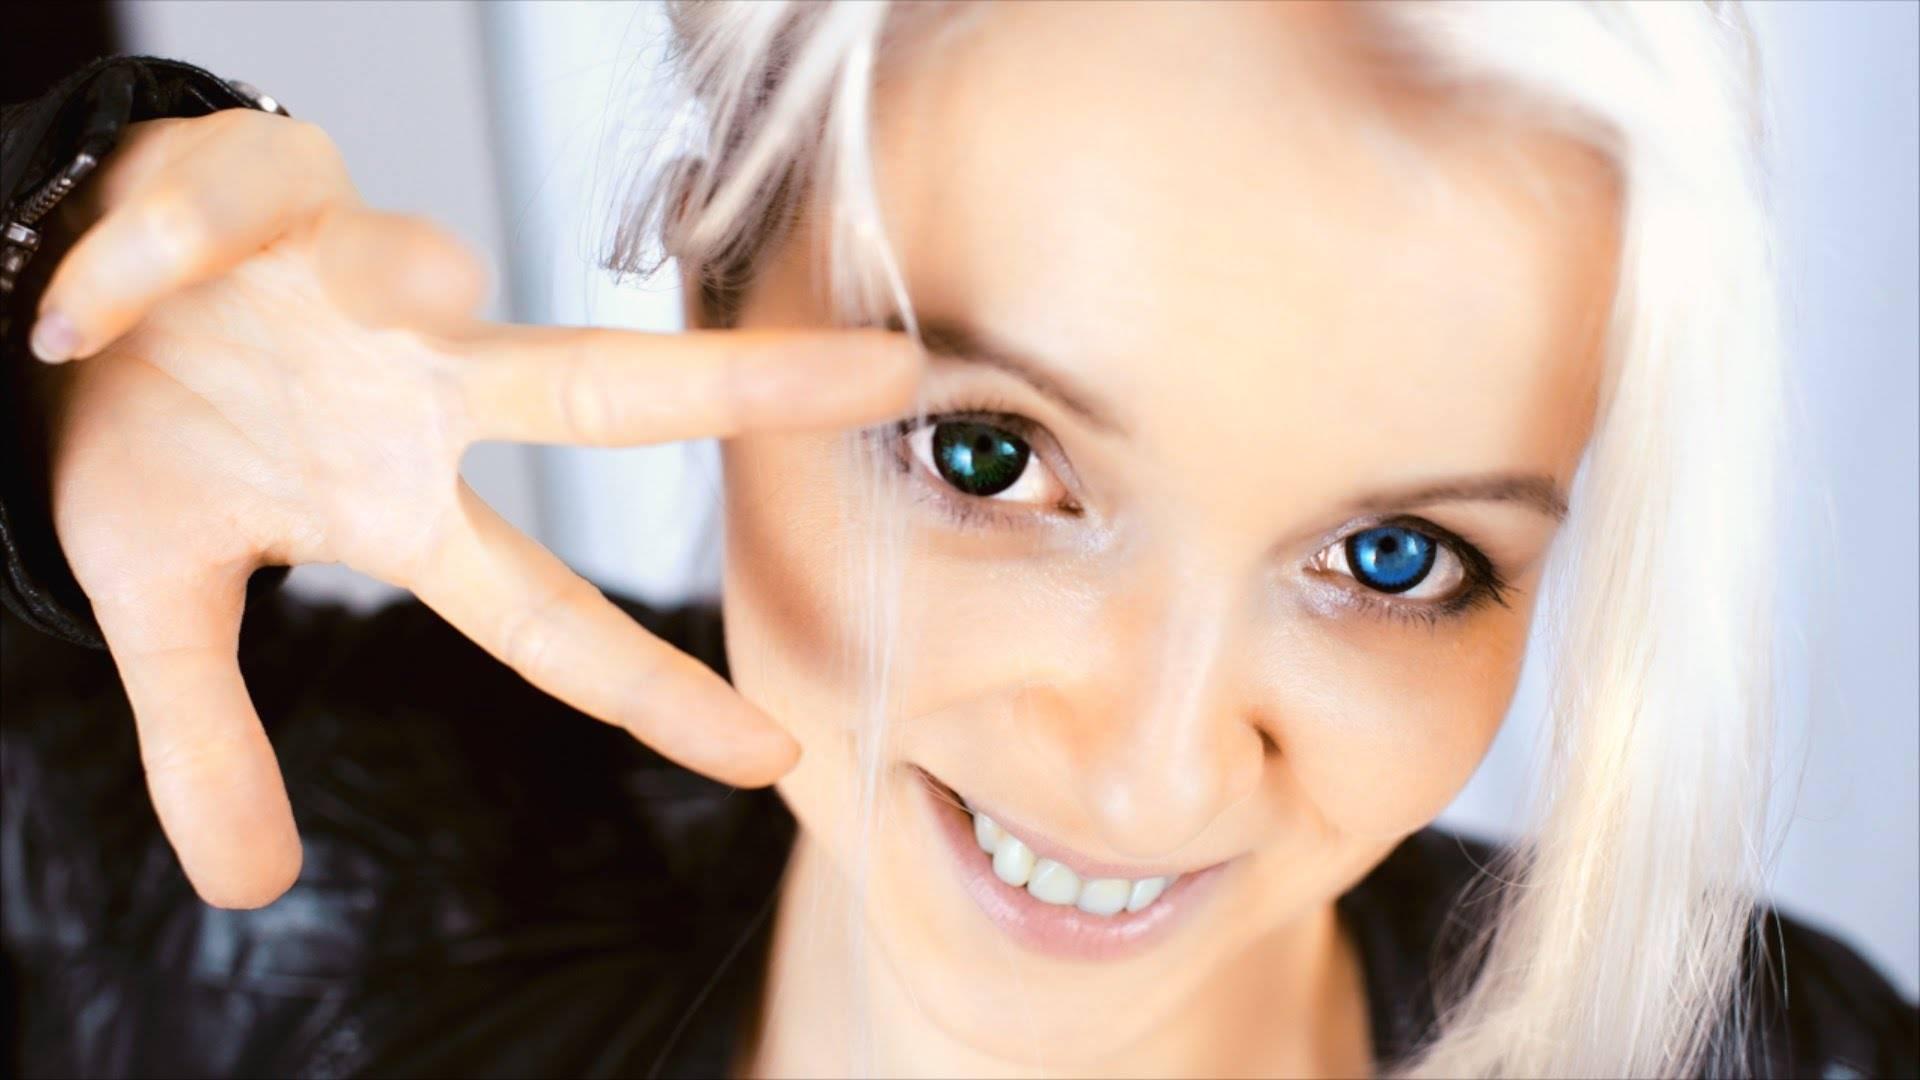 Со скольки лет можно носить линзы детям: контактные для улучшения зрения или цветные для имиджа